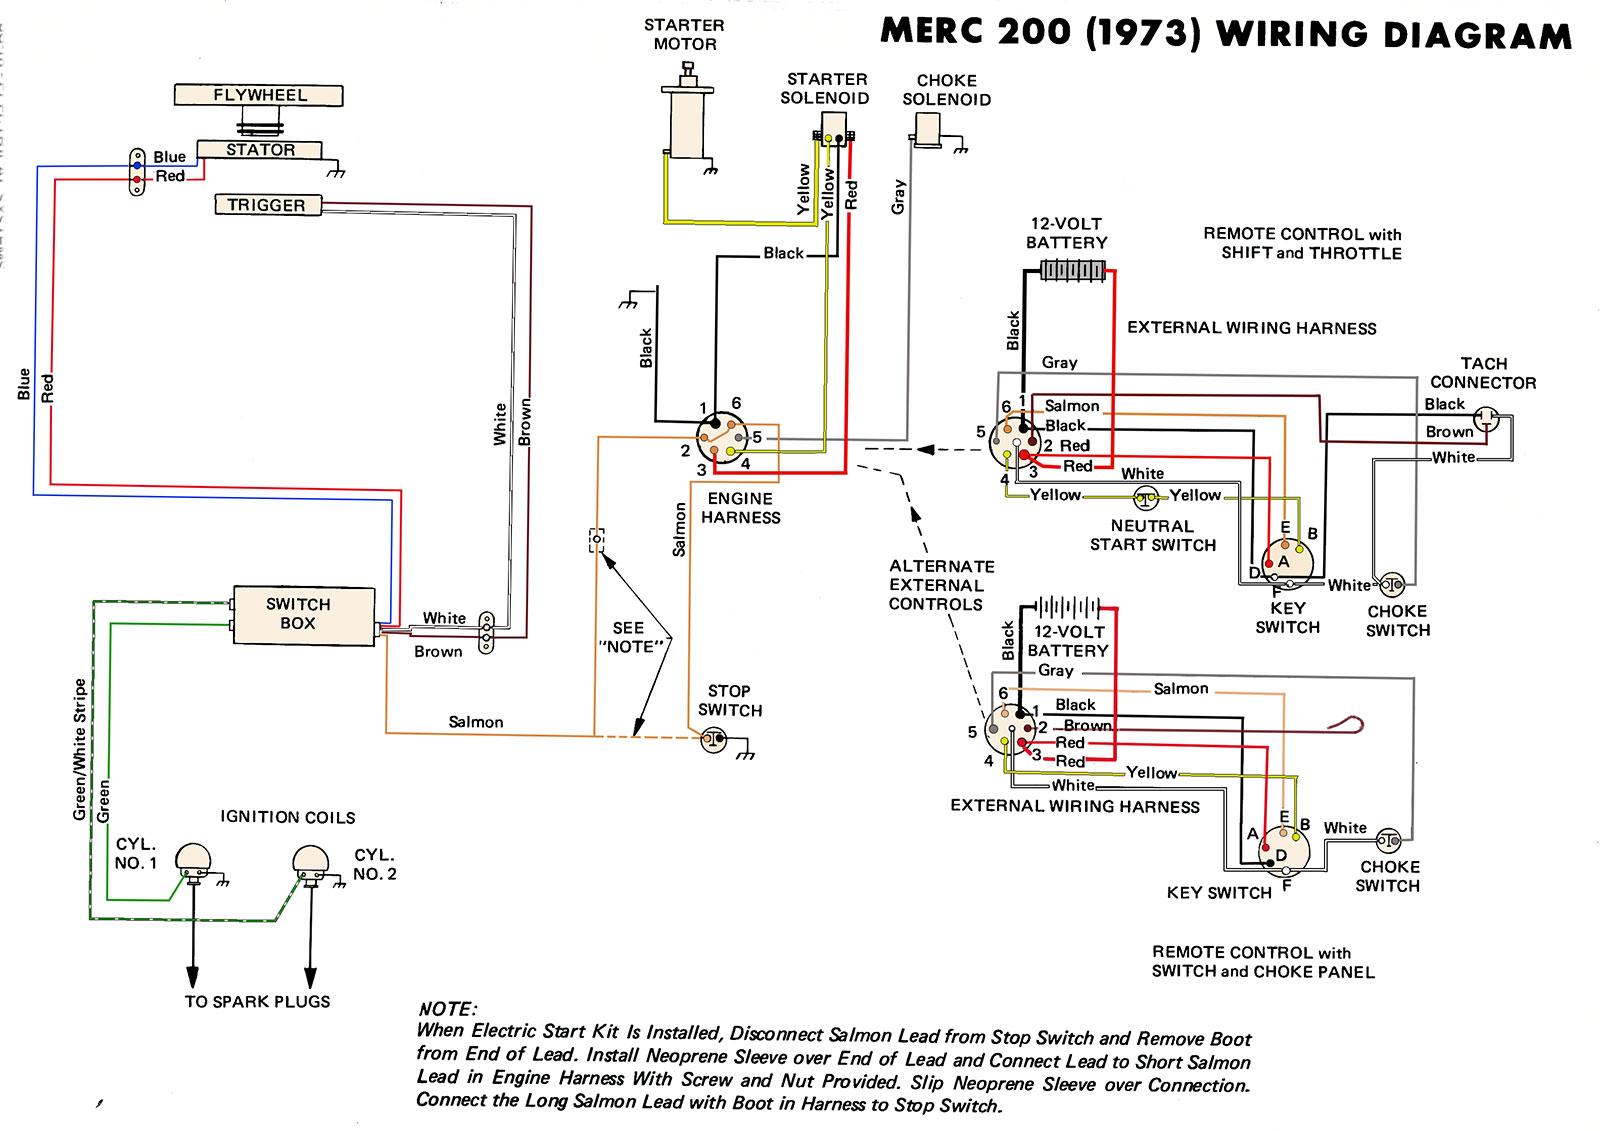 wiring mercury diagram motor outboard og251541 wiring diagram online  1998 mercury outboard wiring diagram free picture detailed wiring mercury outboard serial number chart wiring mercury diagram motor outboard og251541